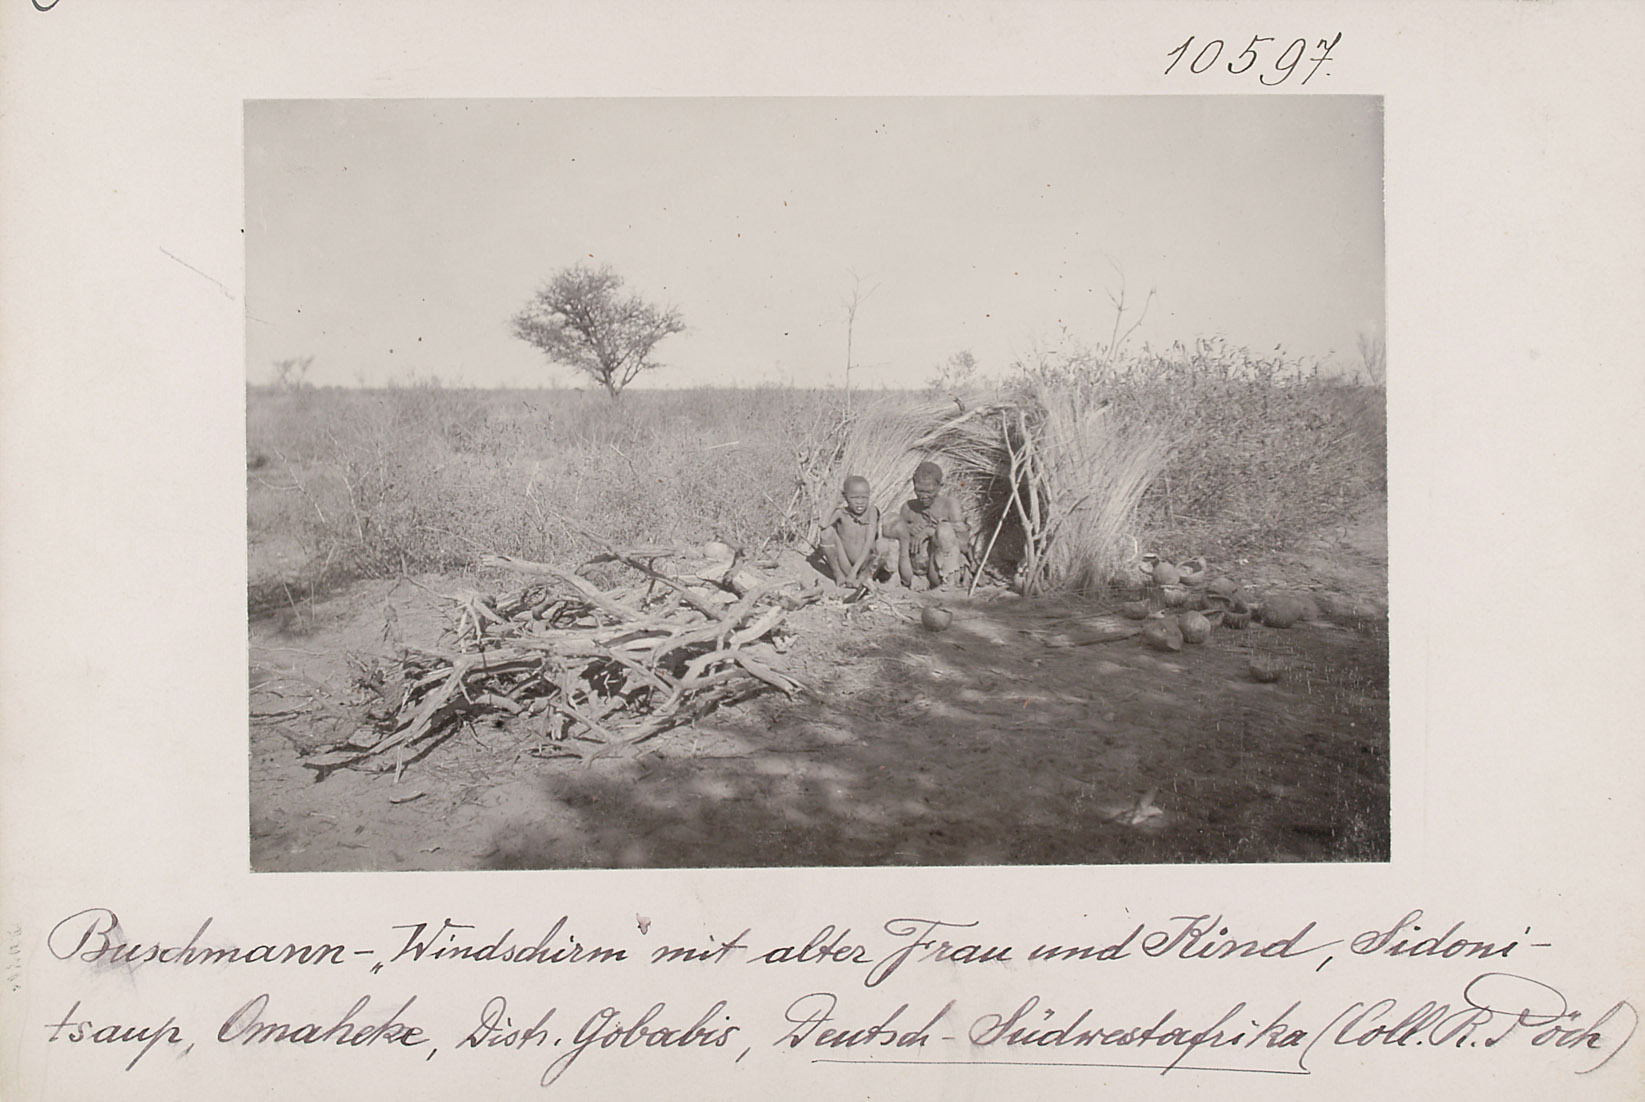 """San-""""Windschirm"""" mit alter Frau und Kind, Sidonitsaup, Omaheke, Distr. Gobabis, Deutsch-Südwestafrika von Rudolf Pöch"""